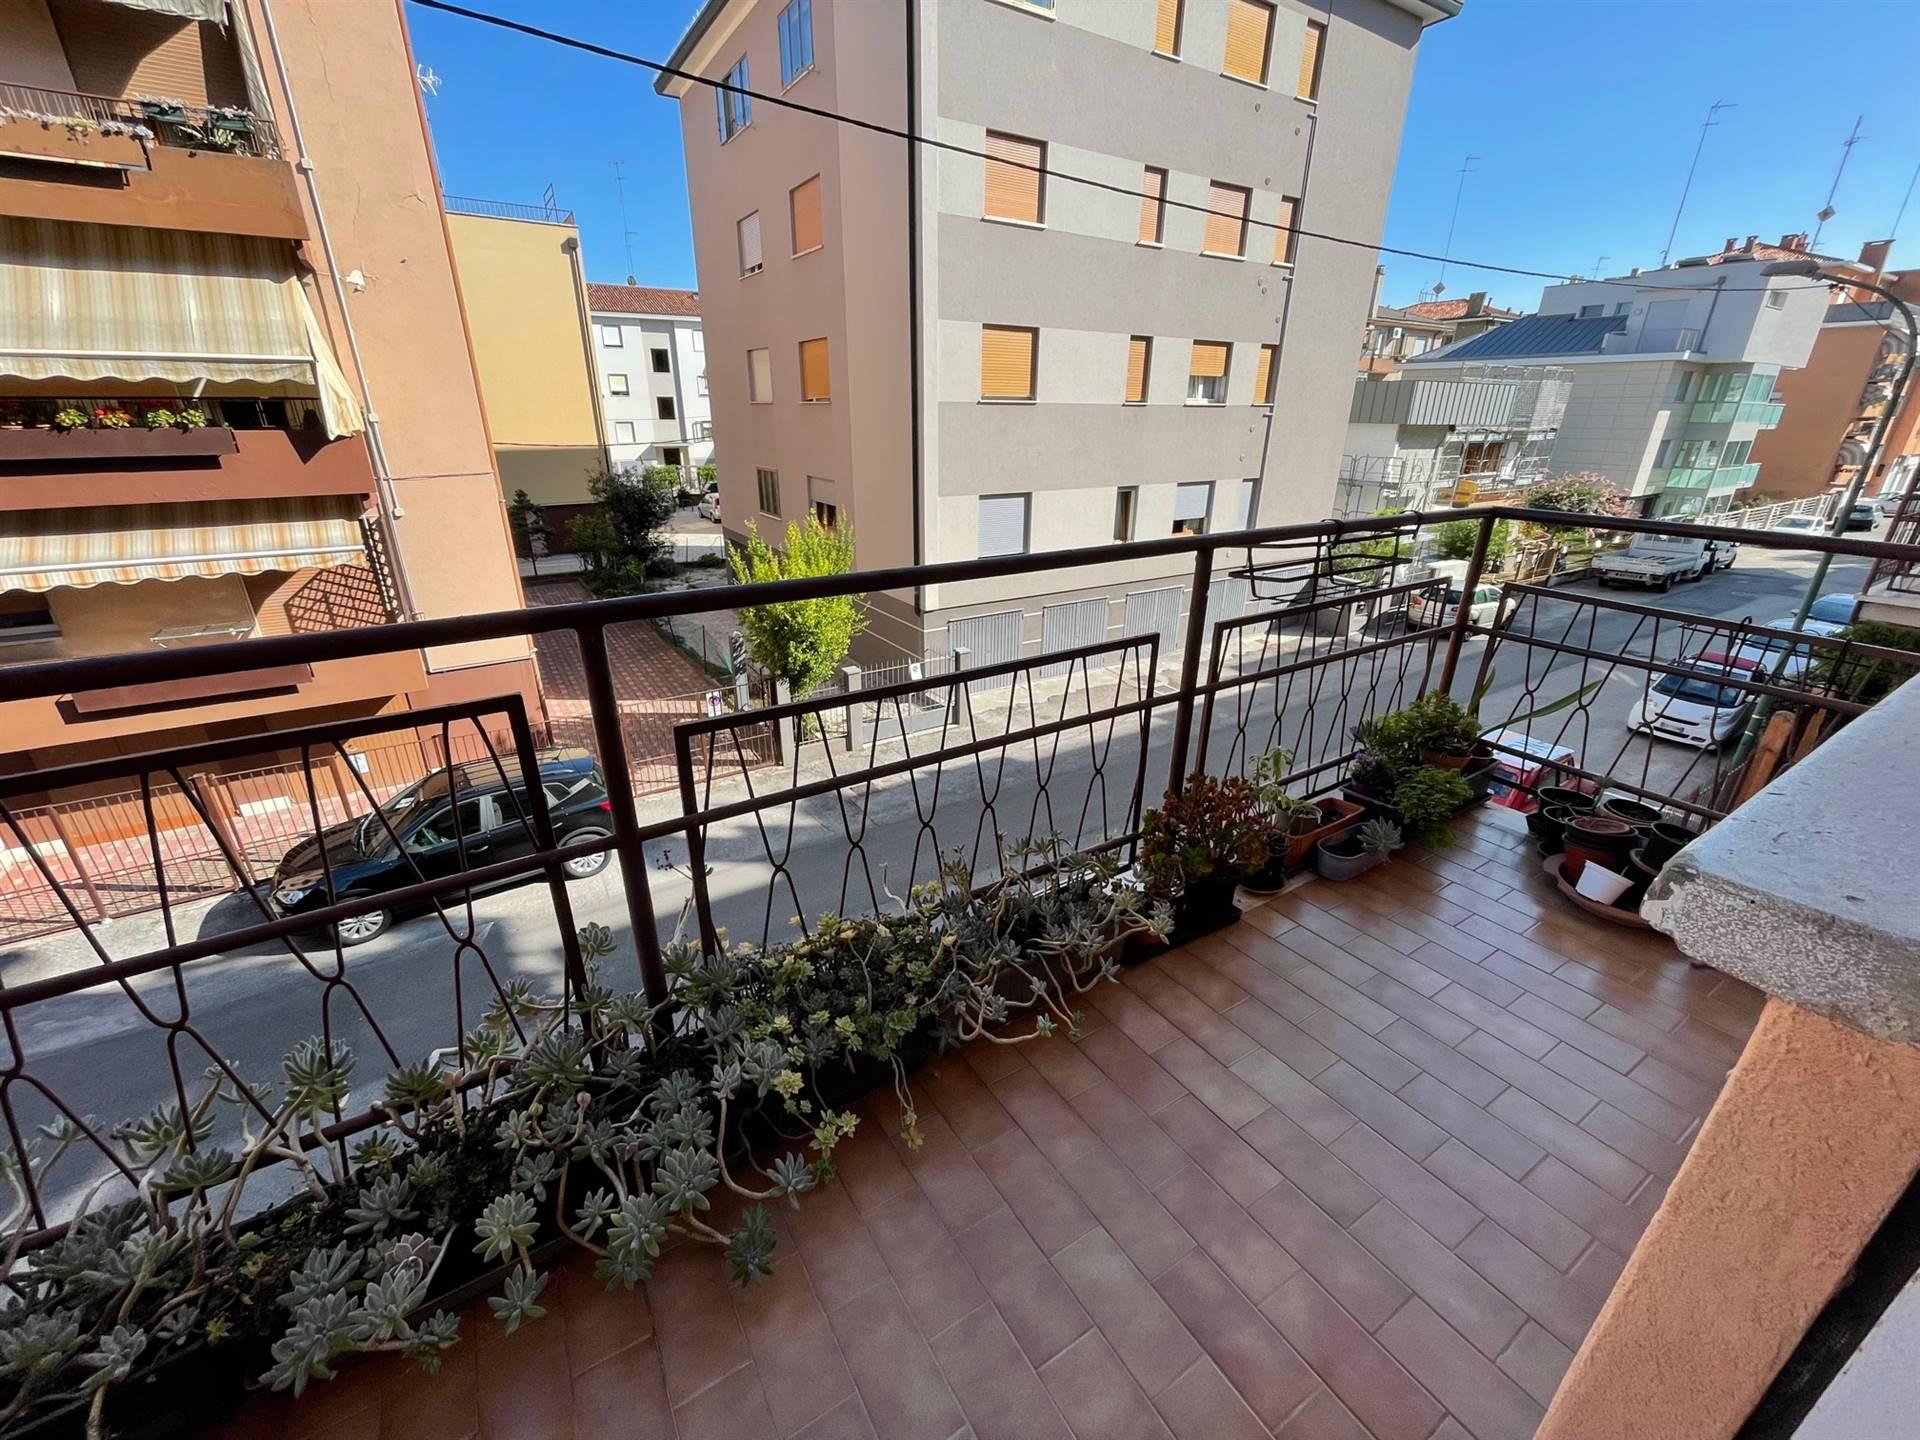 Mestre centro  vendita appartamento con terrazza